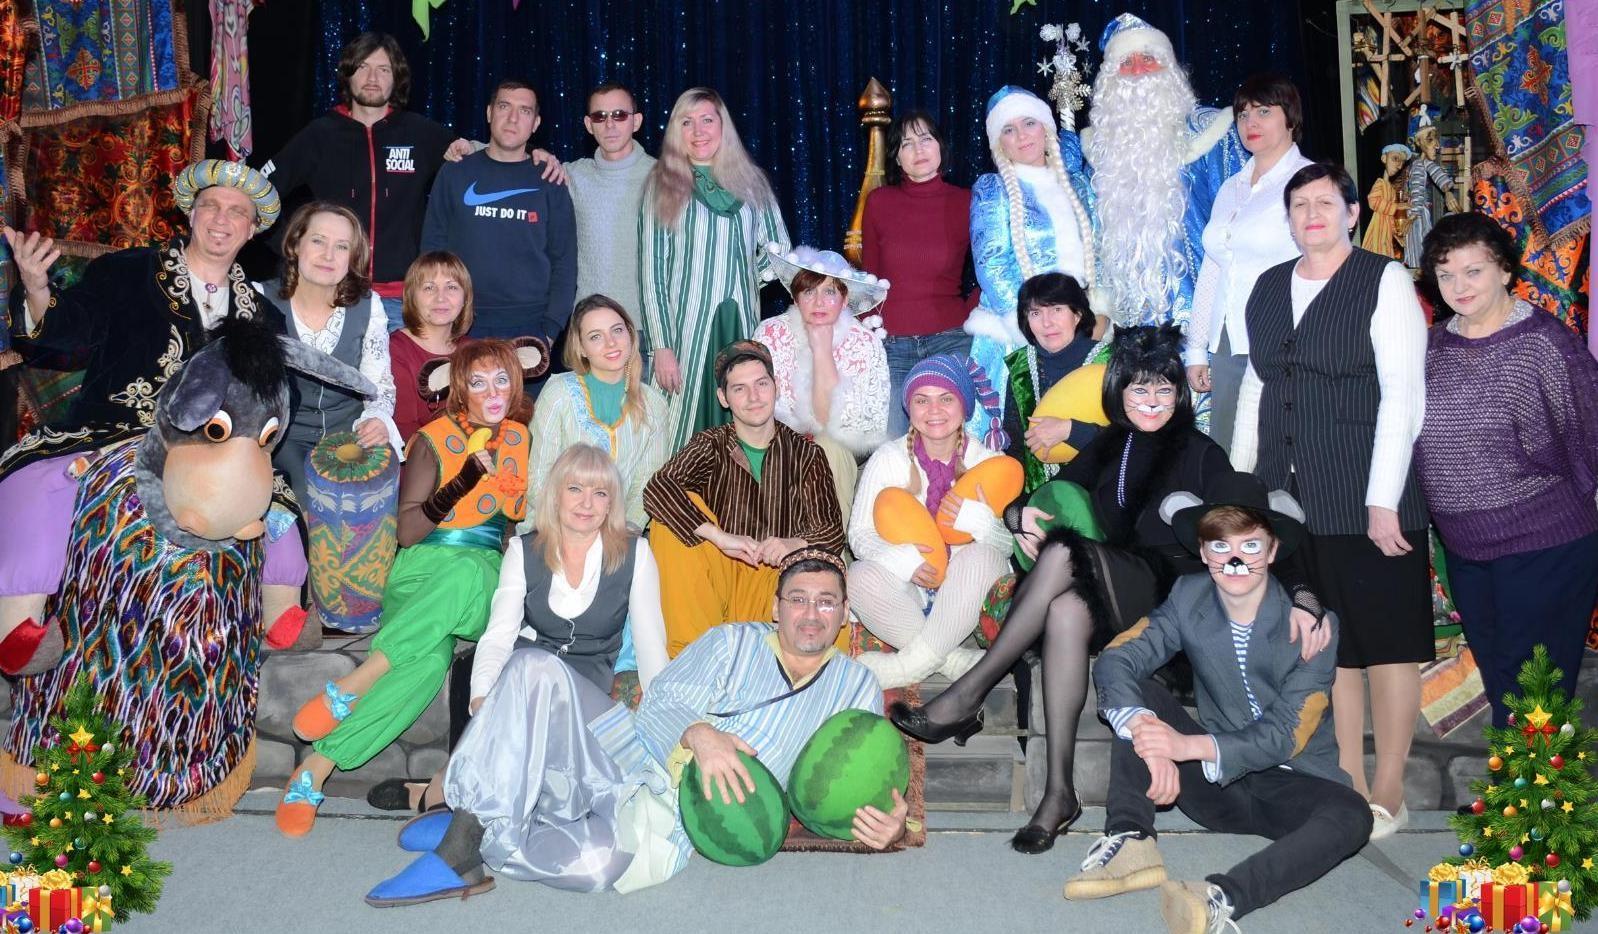 Фотография на сцене с новогодней кампании